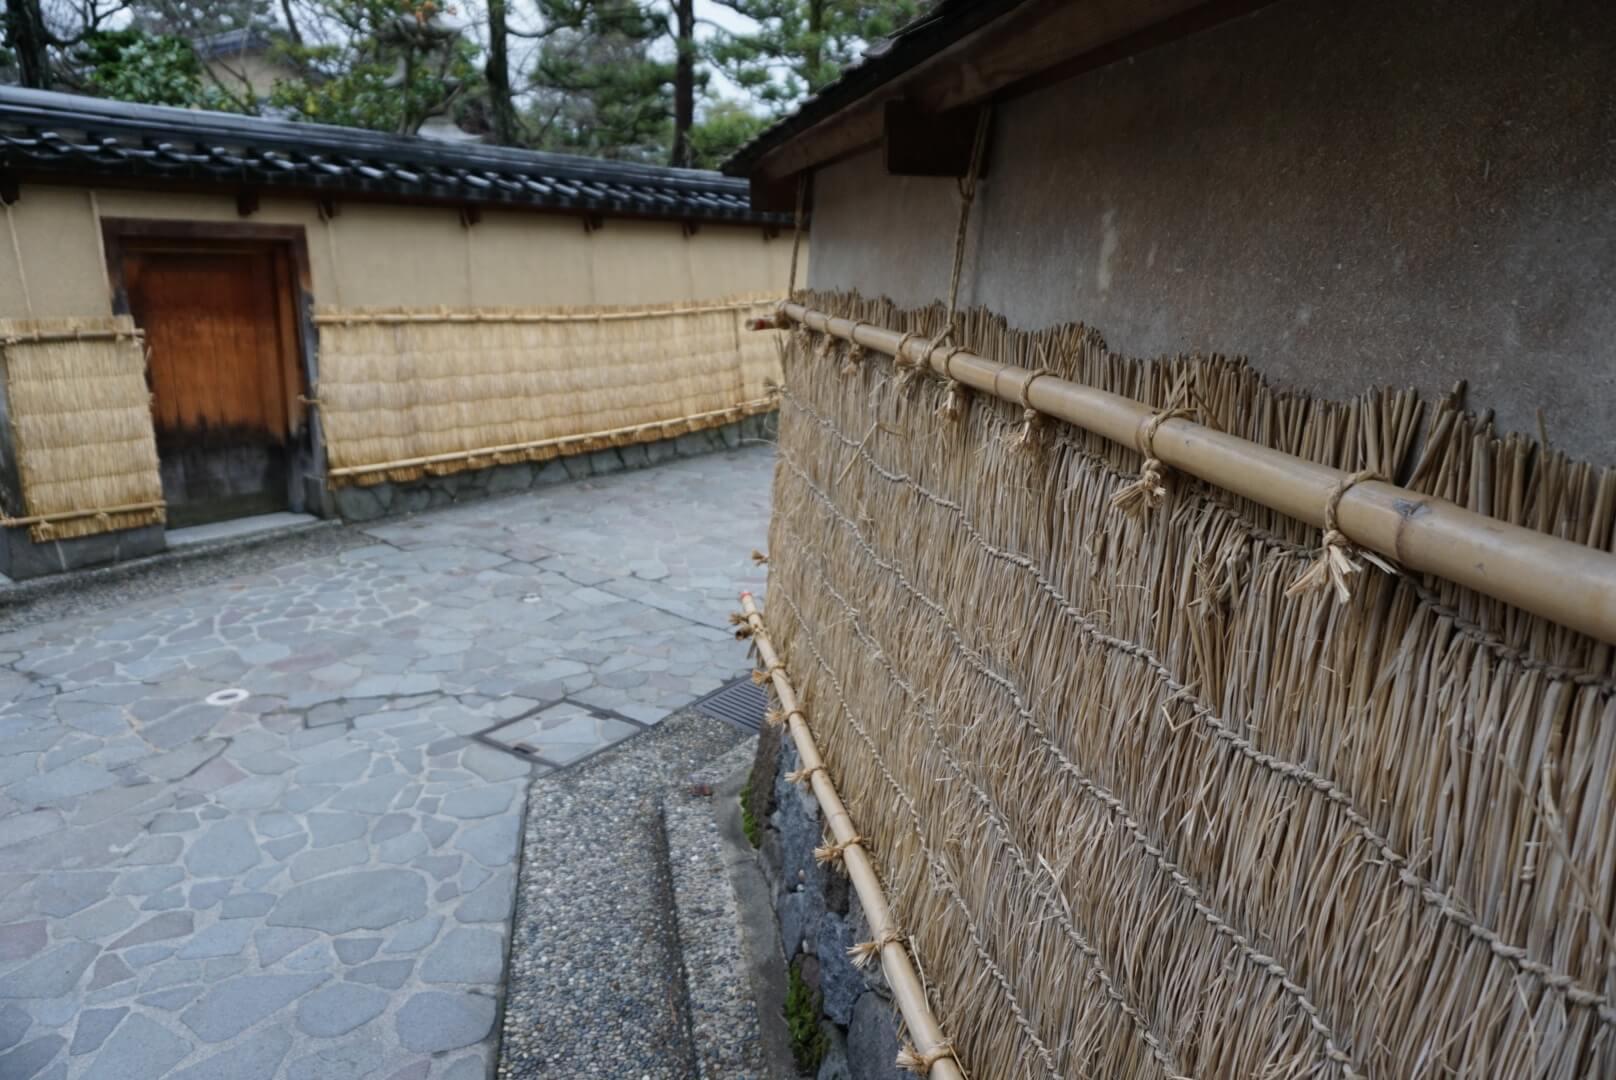 冬の風物詩!! 長町武家屋敷 土塀の薦掛け体験♫ 12月2・3日限定です